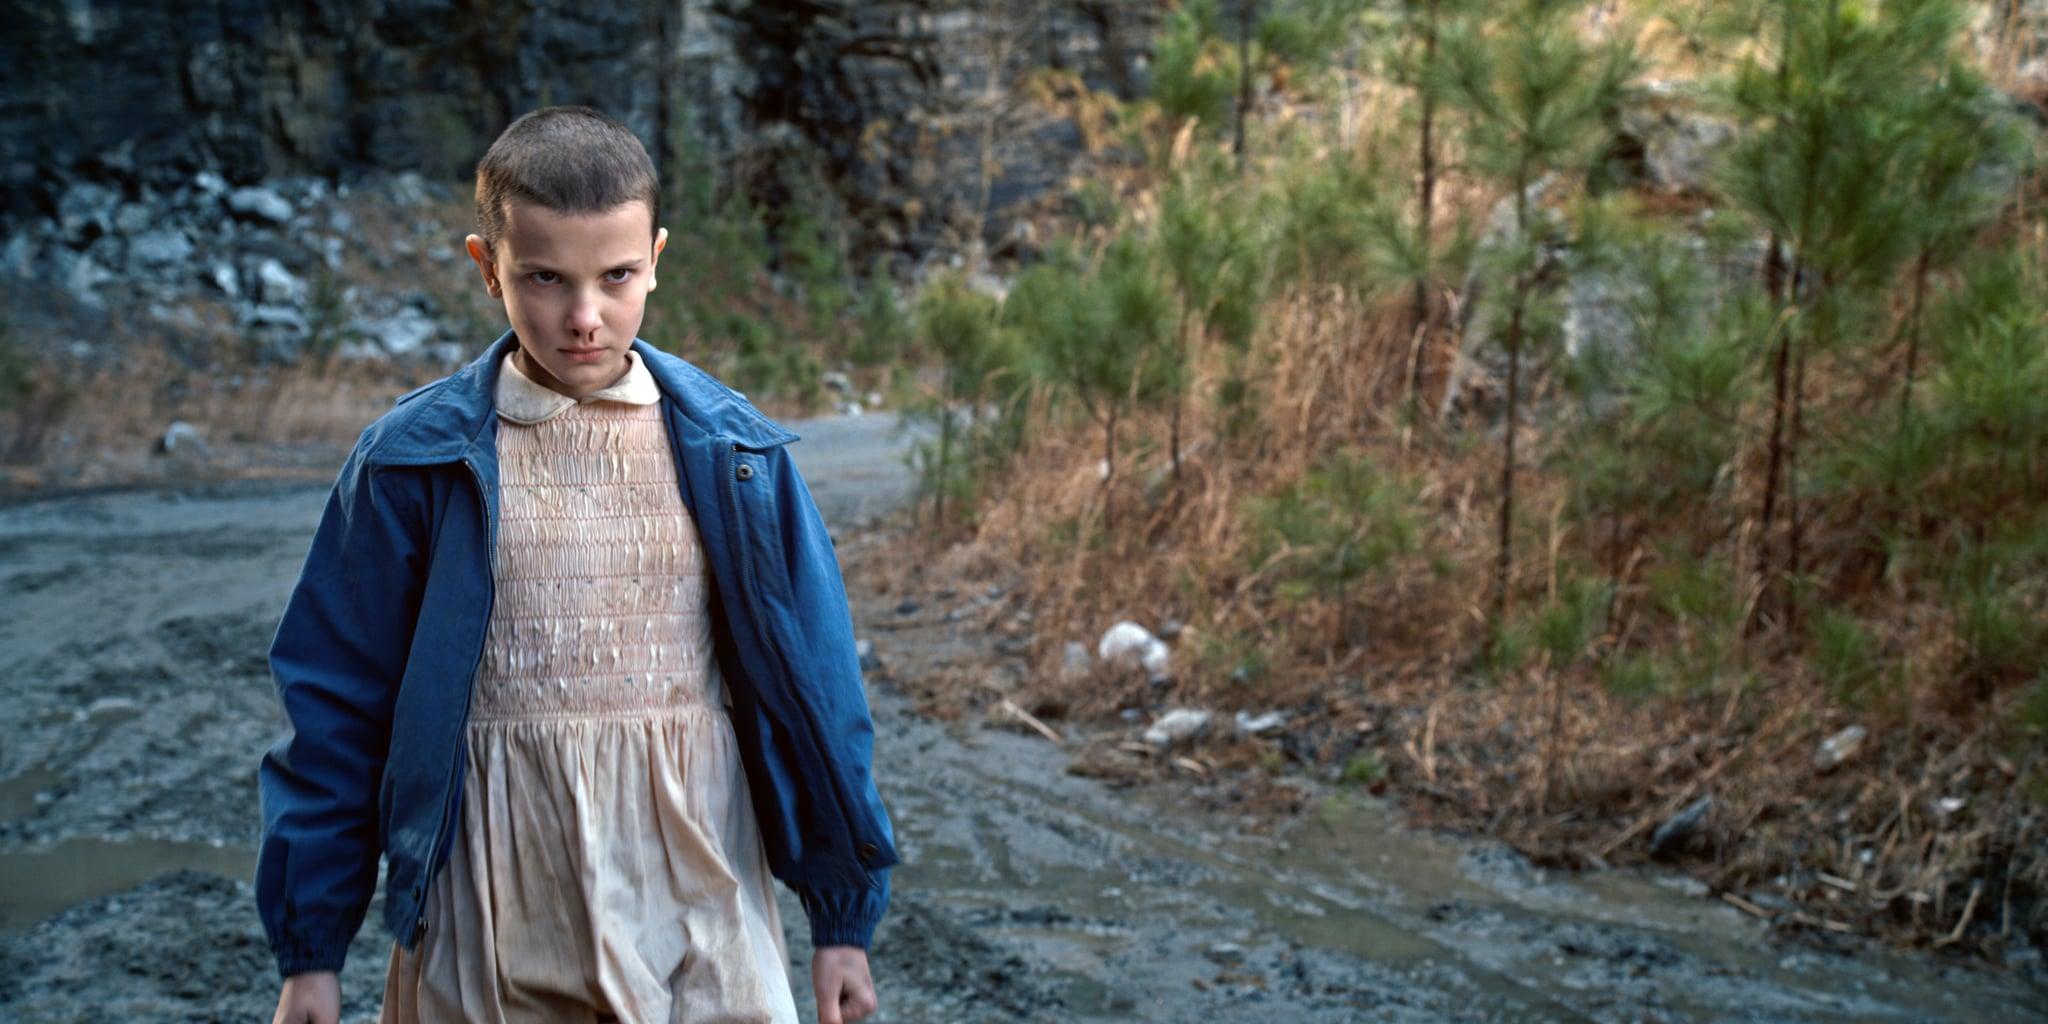 넷플릭스 공포 영화 미드 :기묘한 이야기 포함 무서운 미드 3편 추천! - 포스트